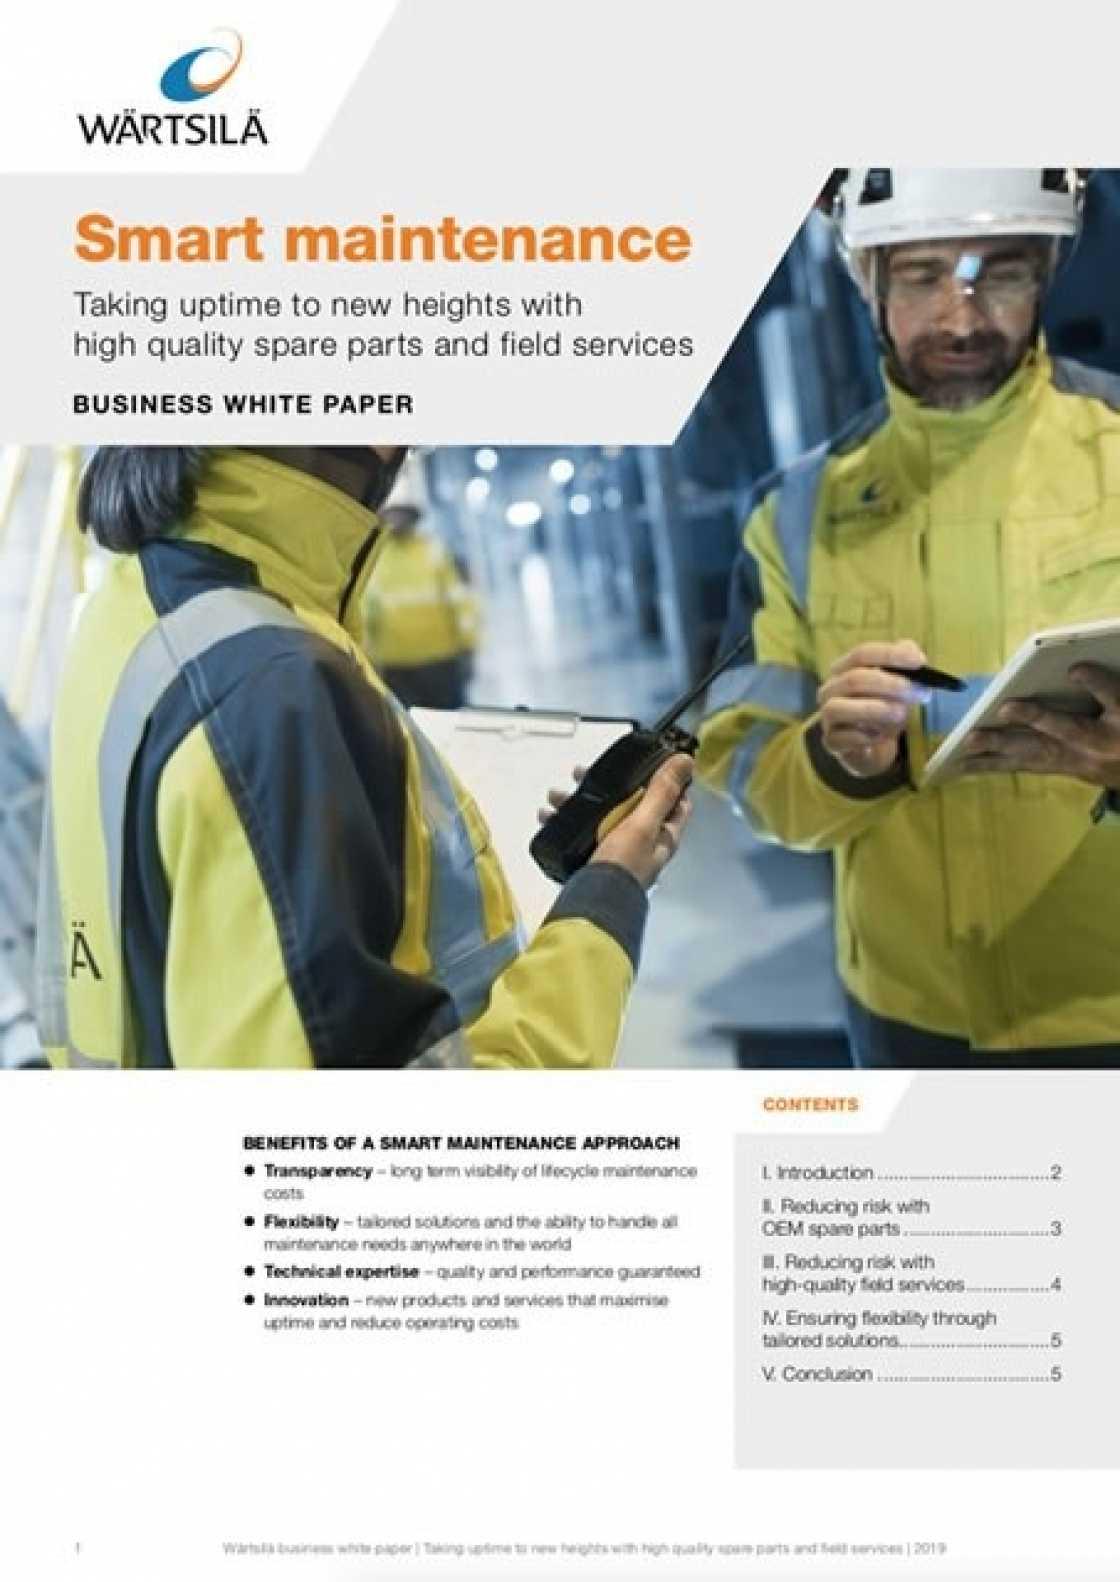 Whitepaper: Smart Maintenance - Wärtsilä